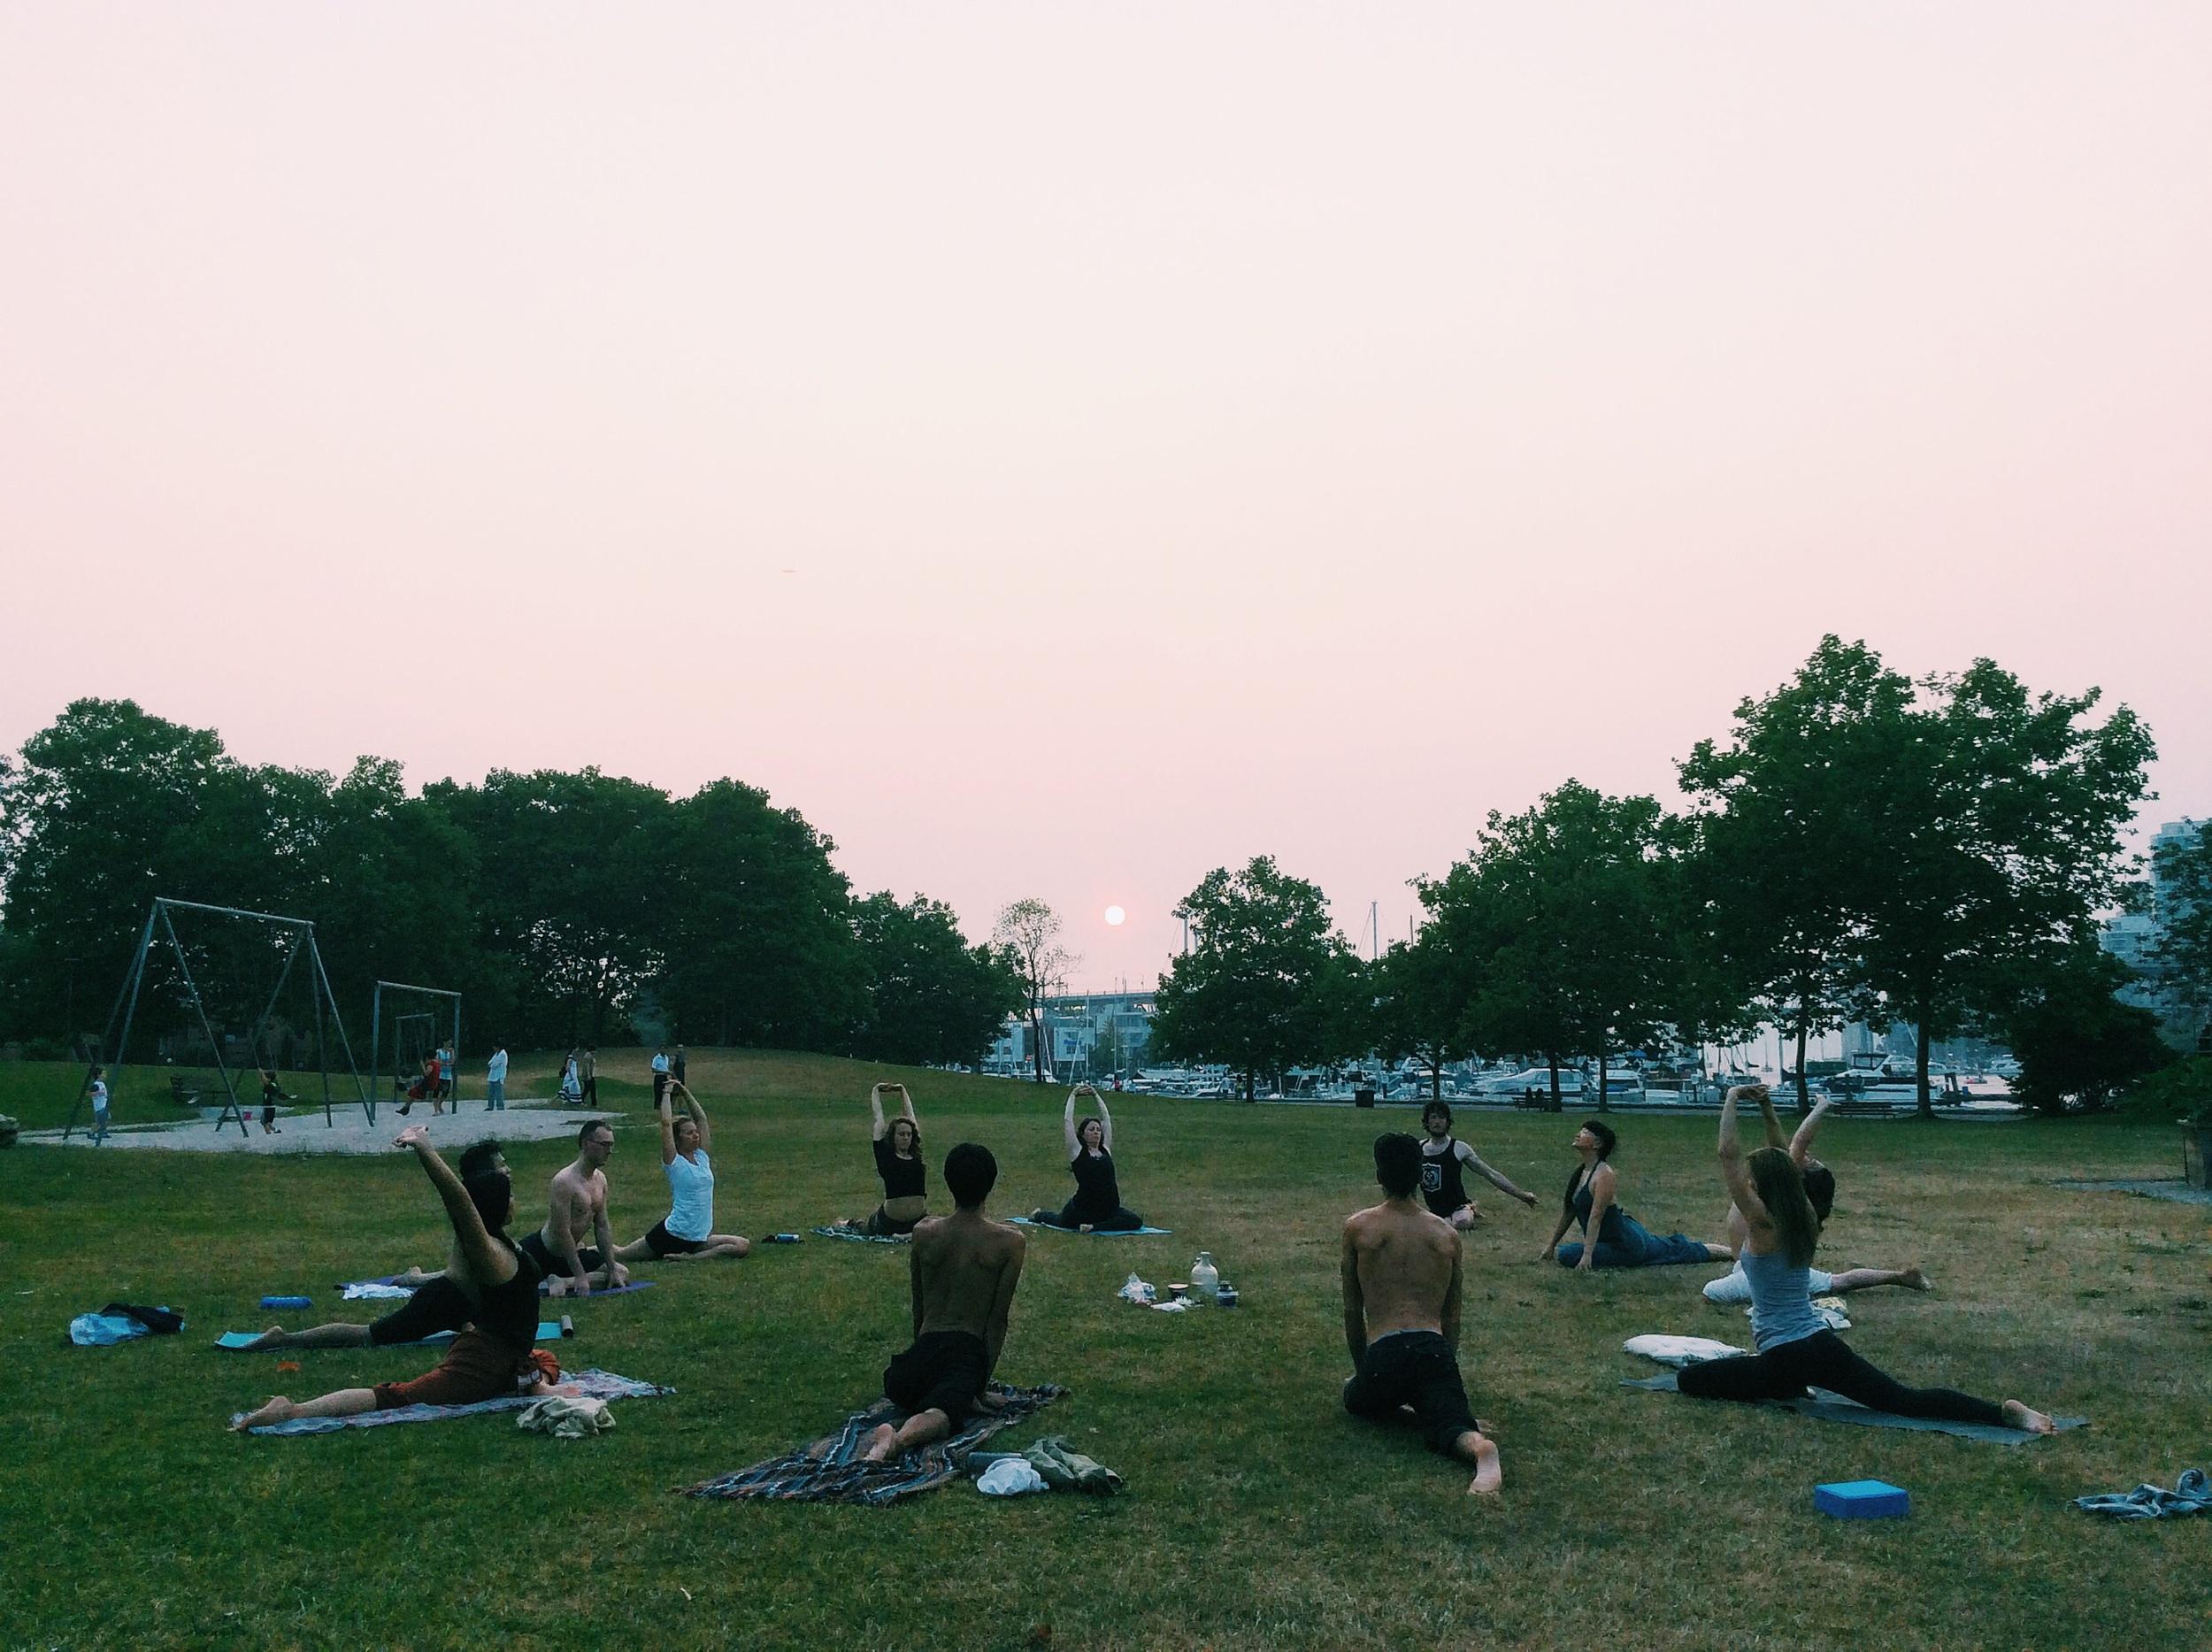 毎週月水金�開催���る��クラス�    http://www.zuddhalotus.com/new-events/2015/7/8/vancouver-outdoor-yoga-class-july-to-september-